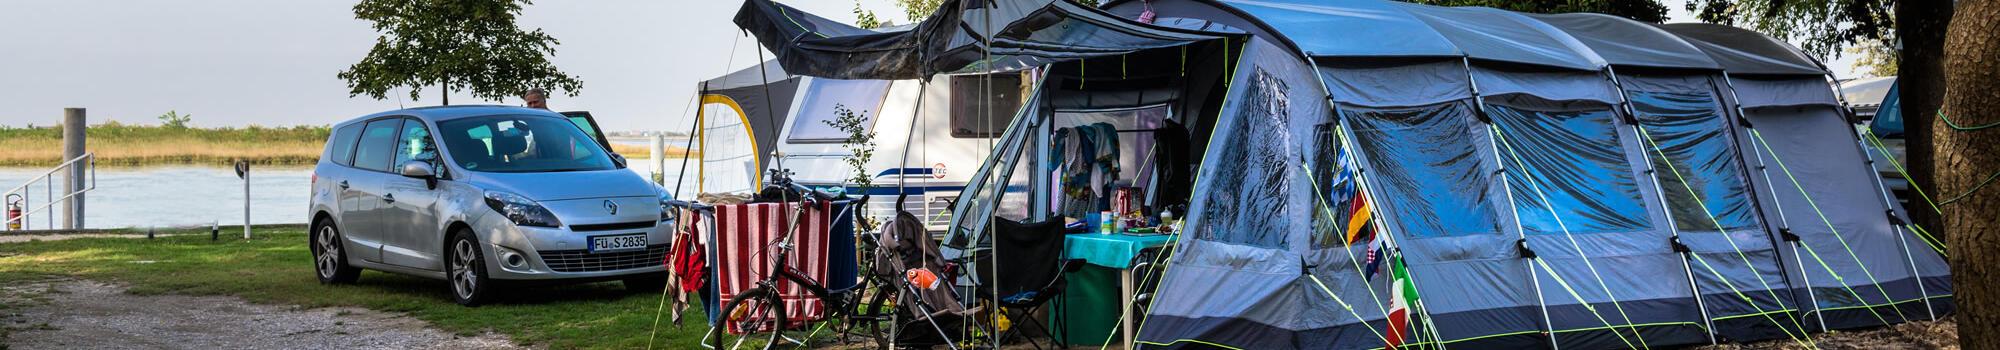 Ferier i juni på standpladser på campingplads i Bibione